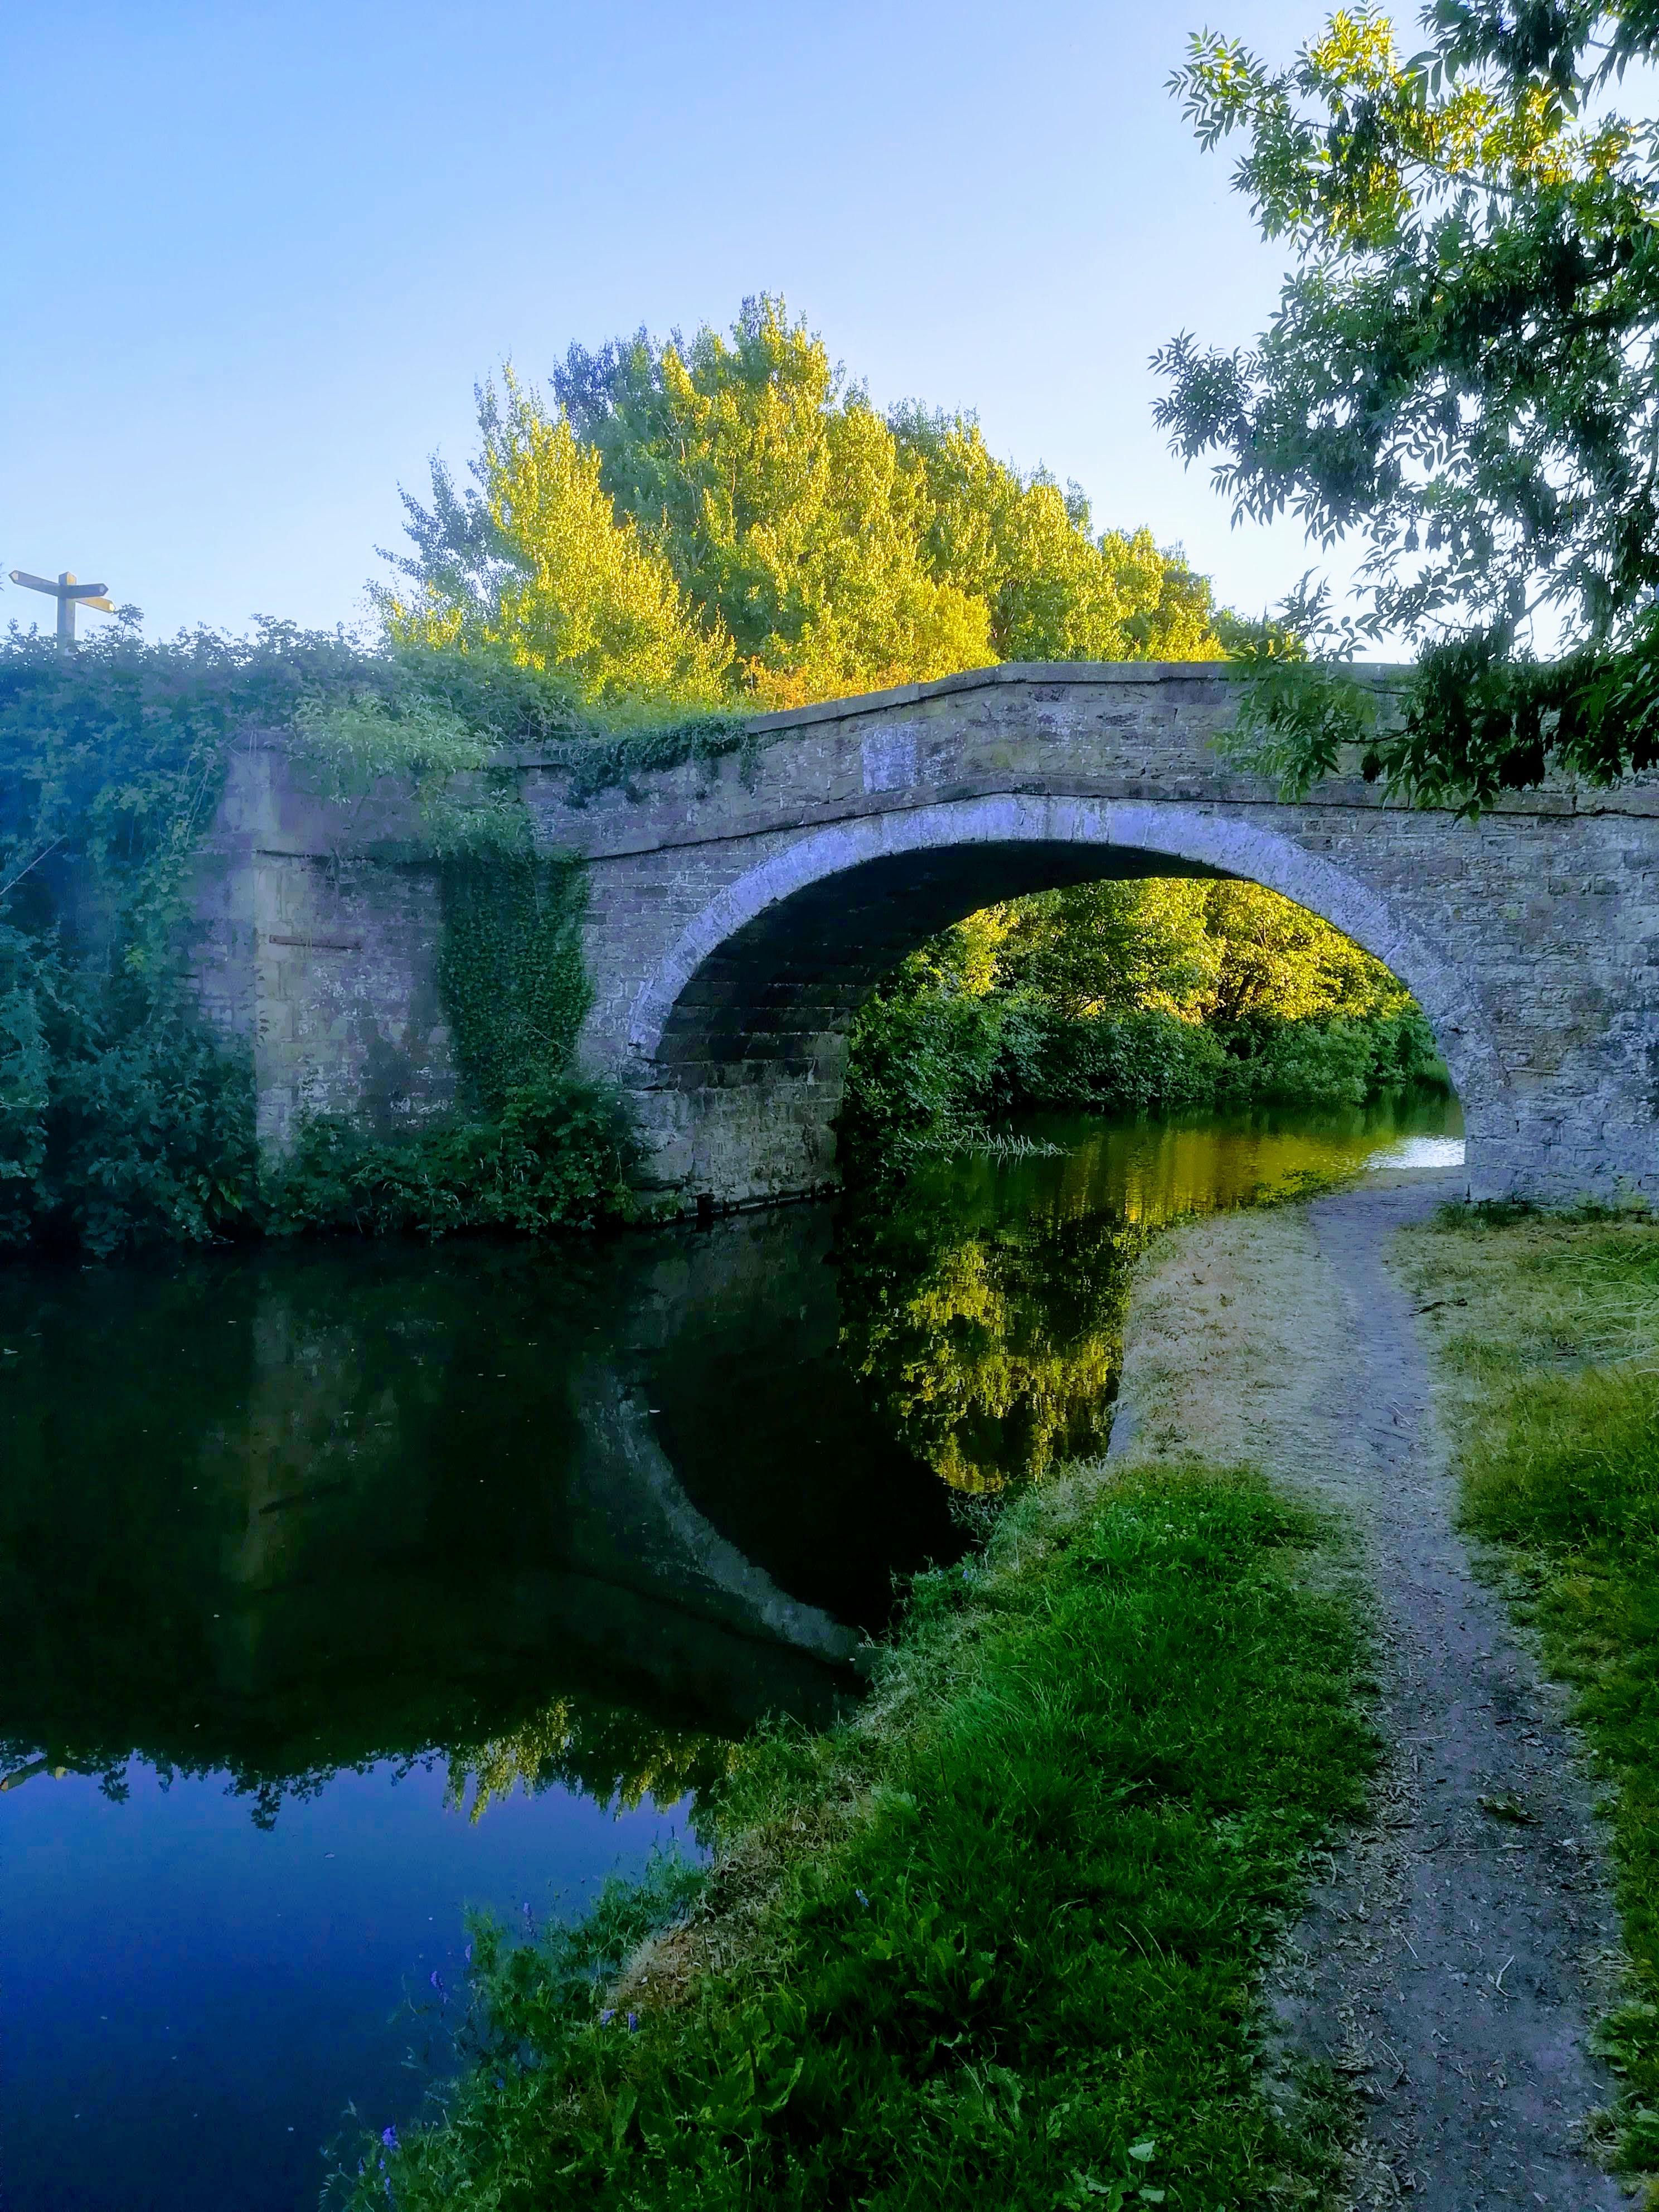 Lollies Bridge